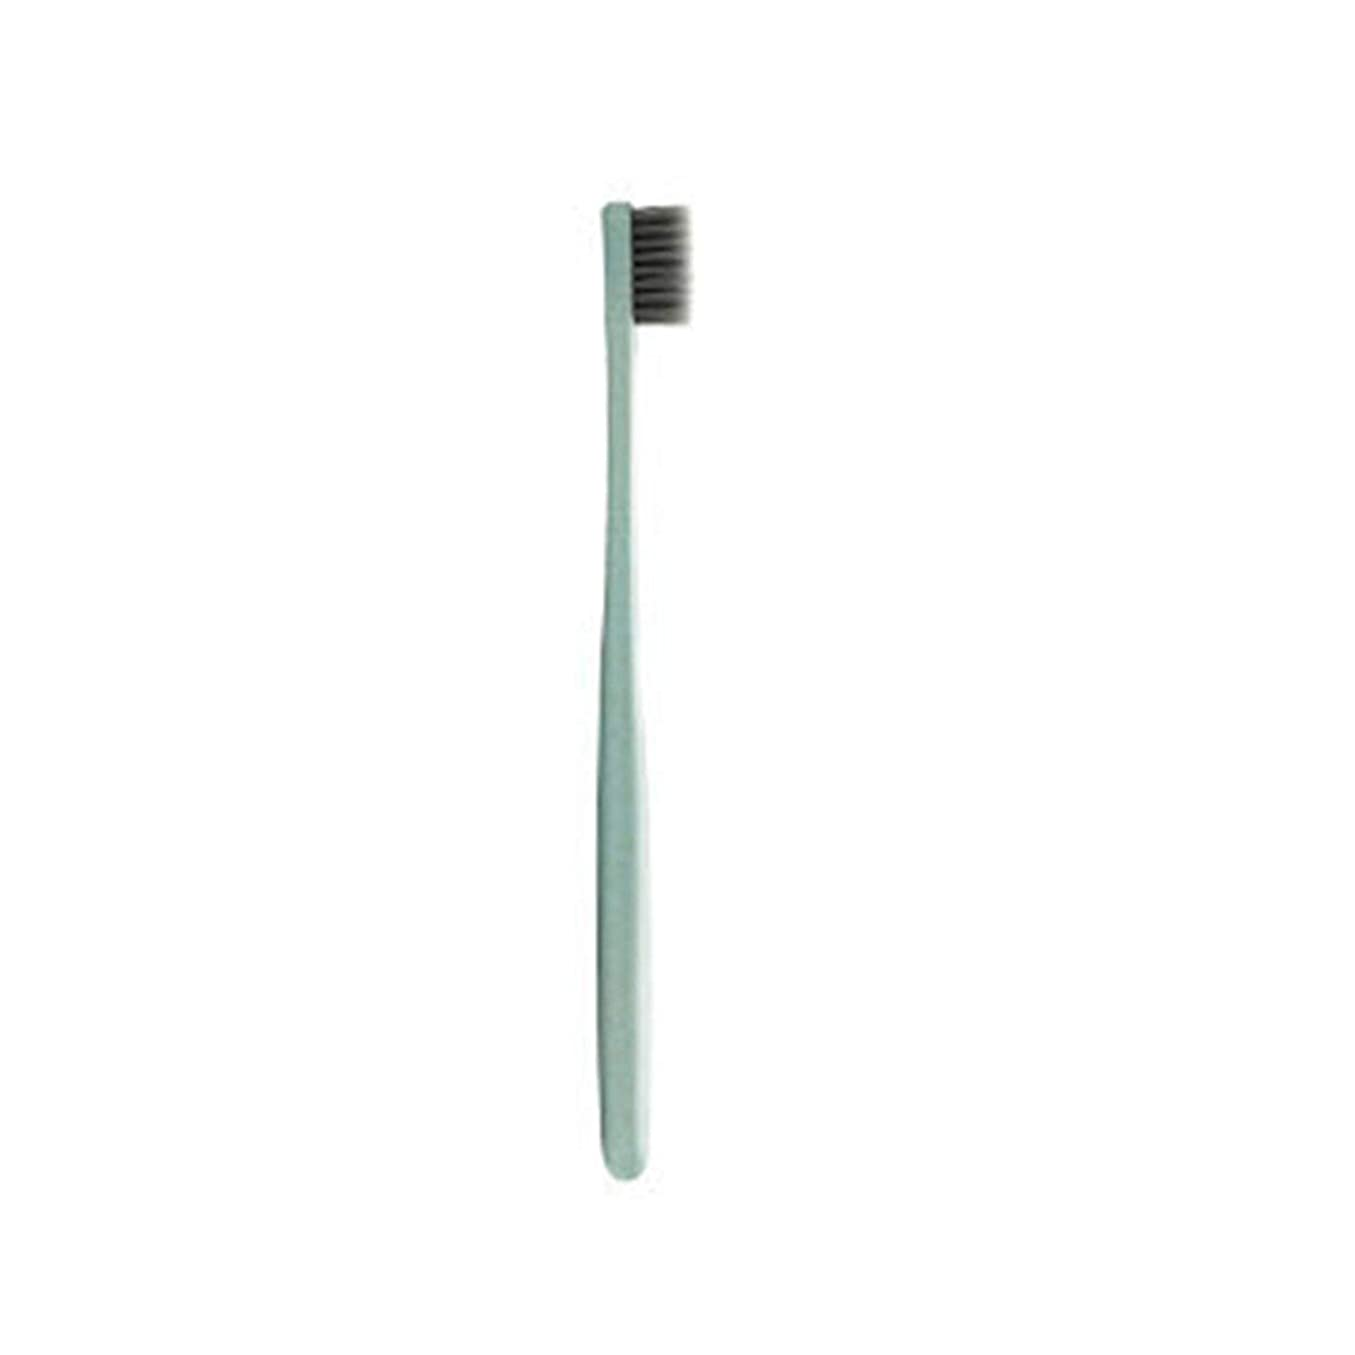 出席するうめき残高K-666小麦わらの歯ブラシ歯のクリーニングブラシ竹炭毛ブラシ環境に優しいブラシ歯のケア - ピンク